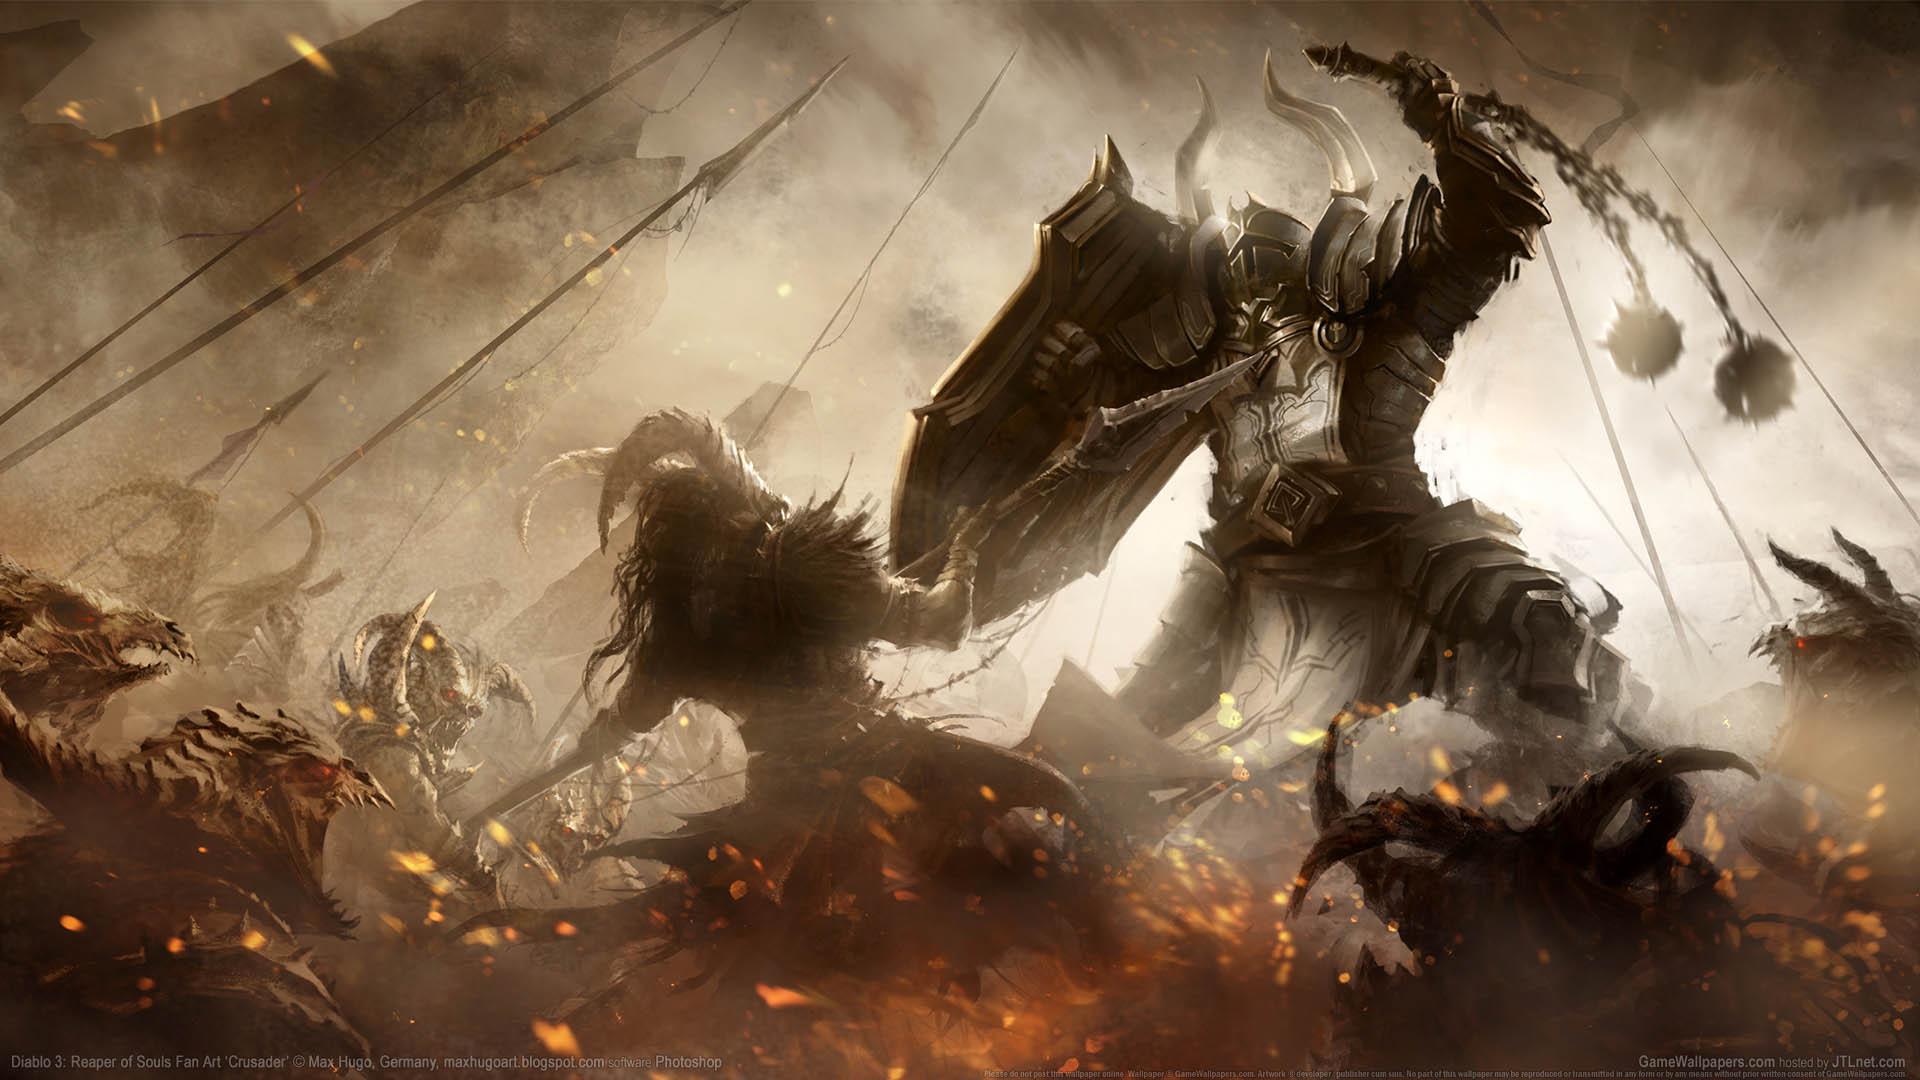 Diablo 3 Reaper Of Souls Fan Art Wallpaper 10 1920x1080